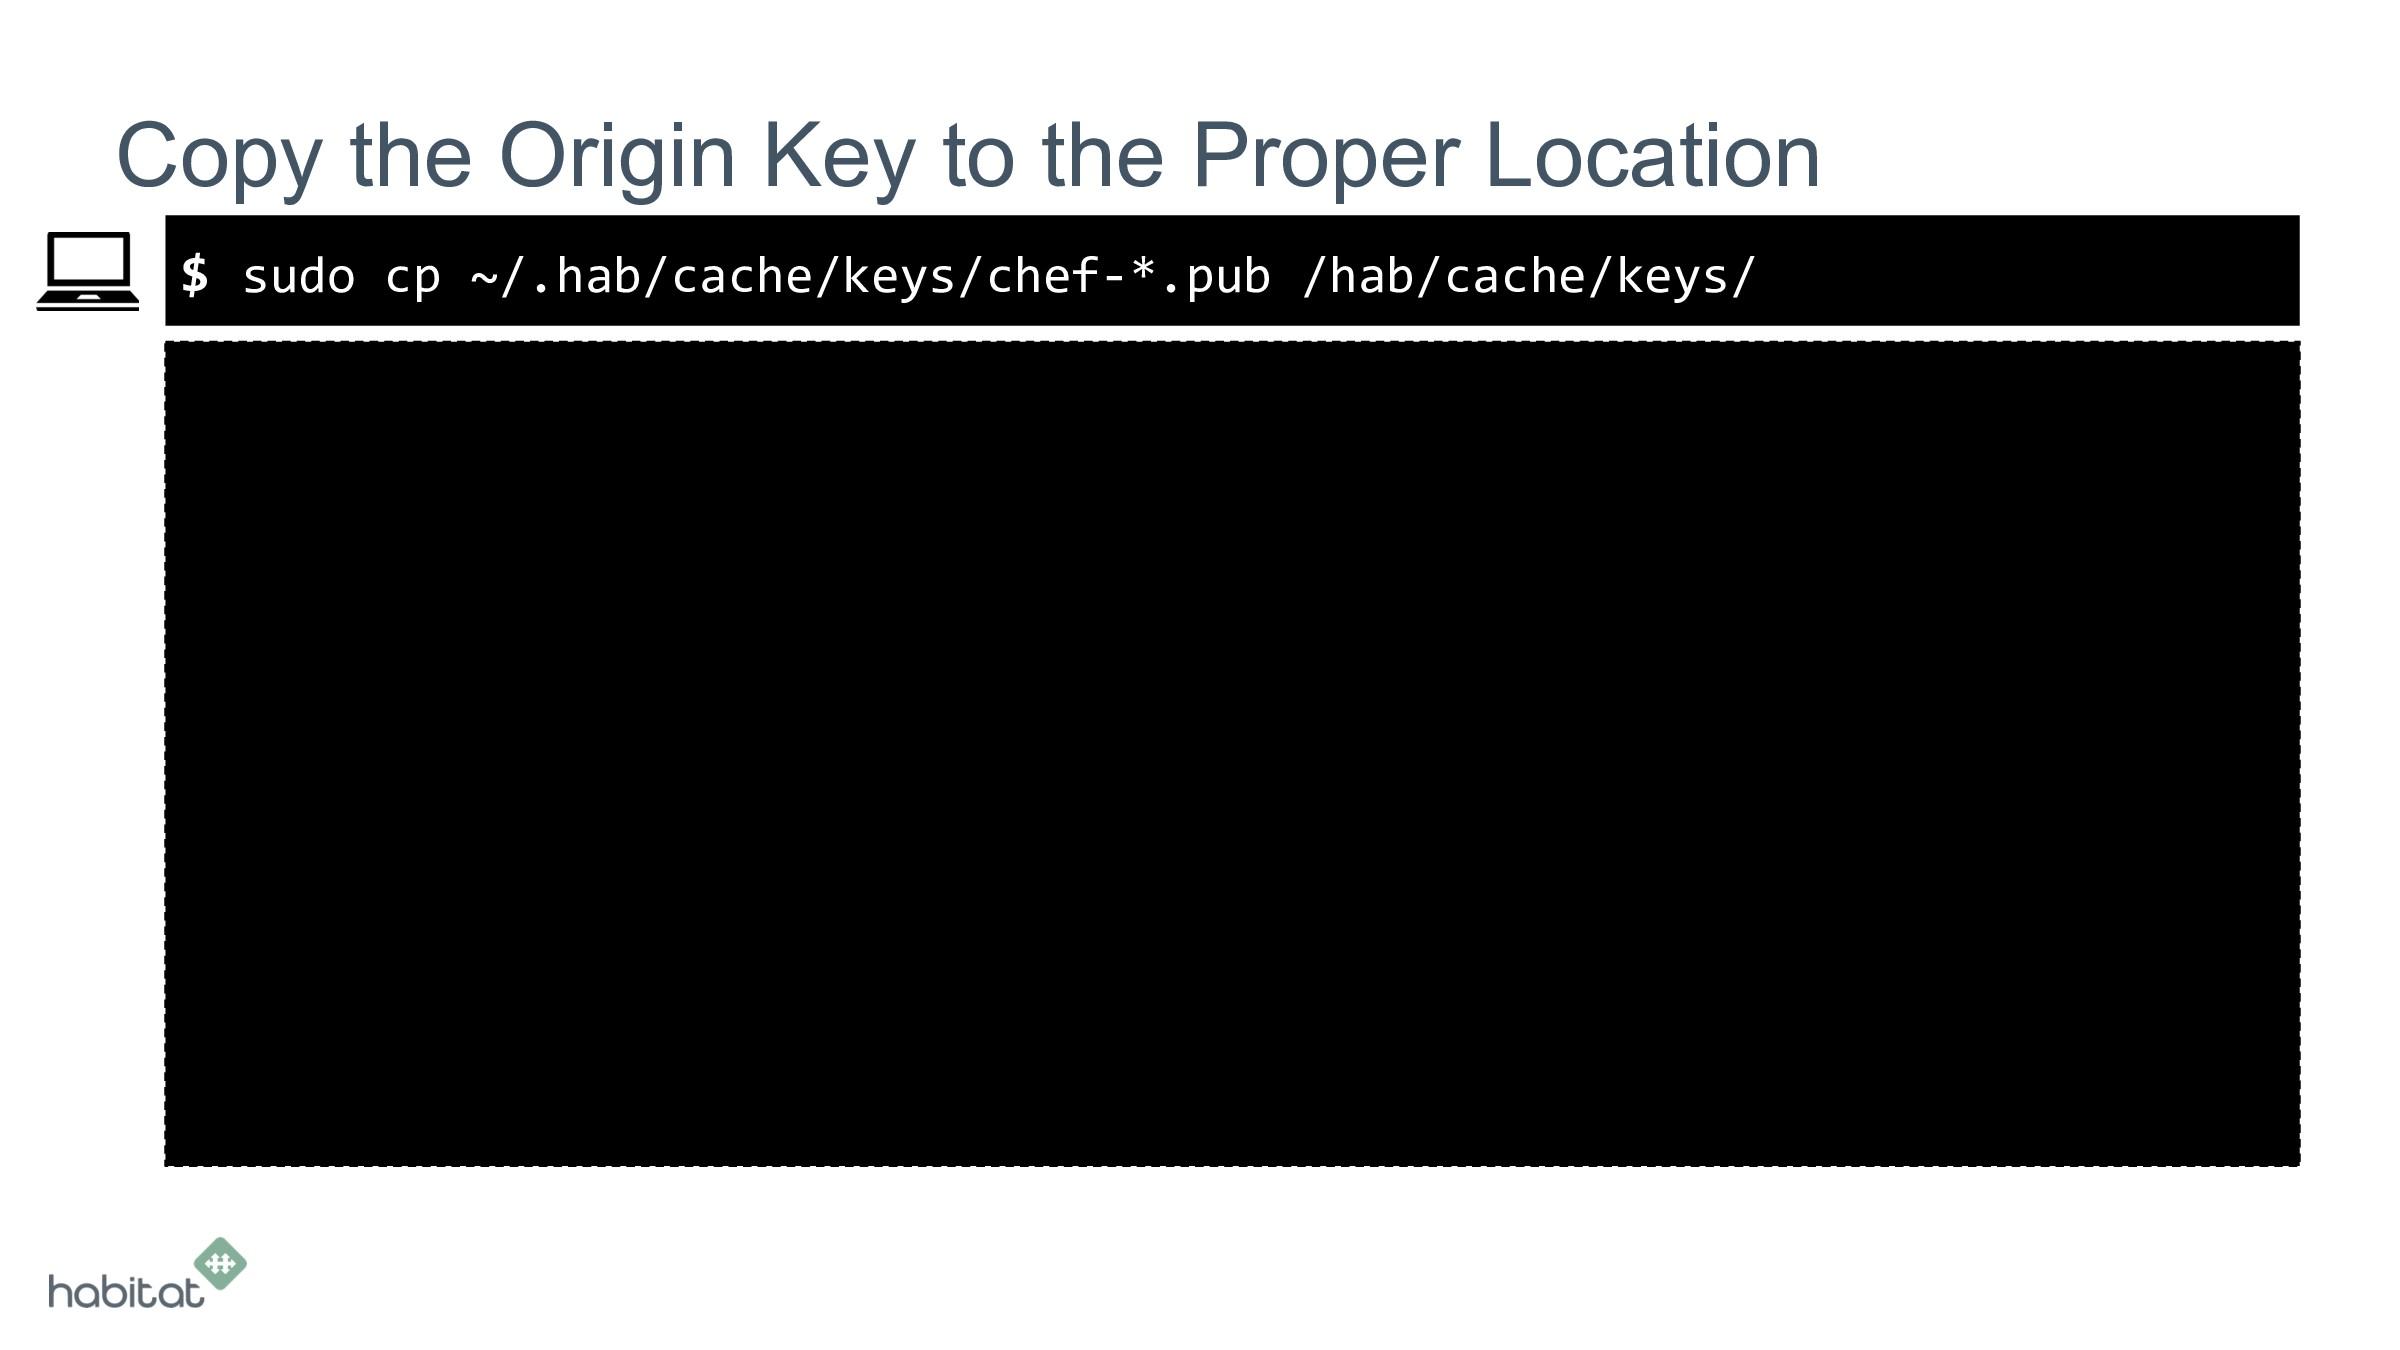 $ Copy the Origin Key to the Proper Location su...